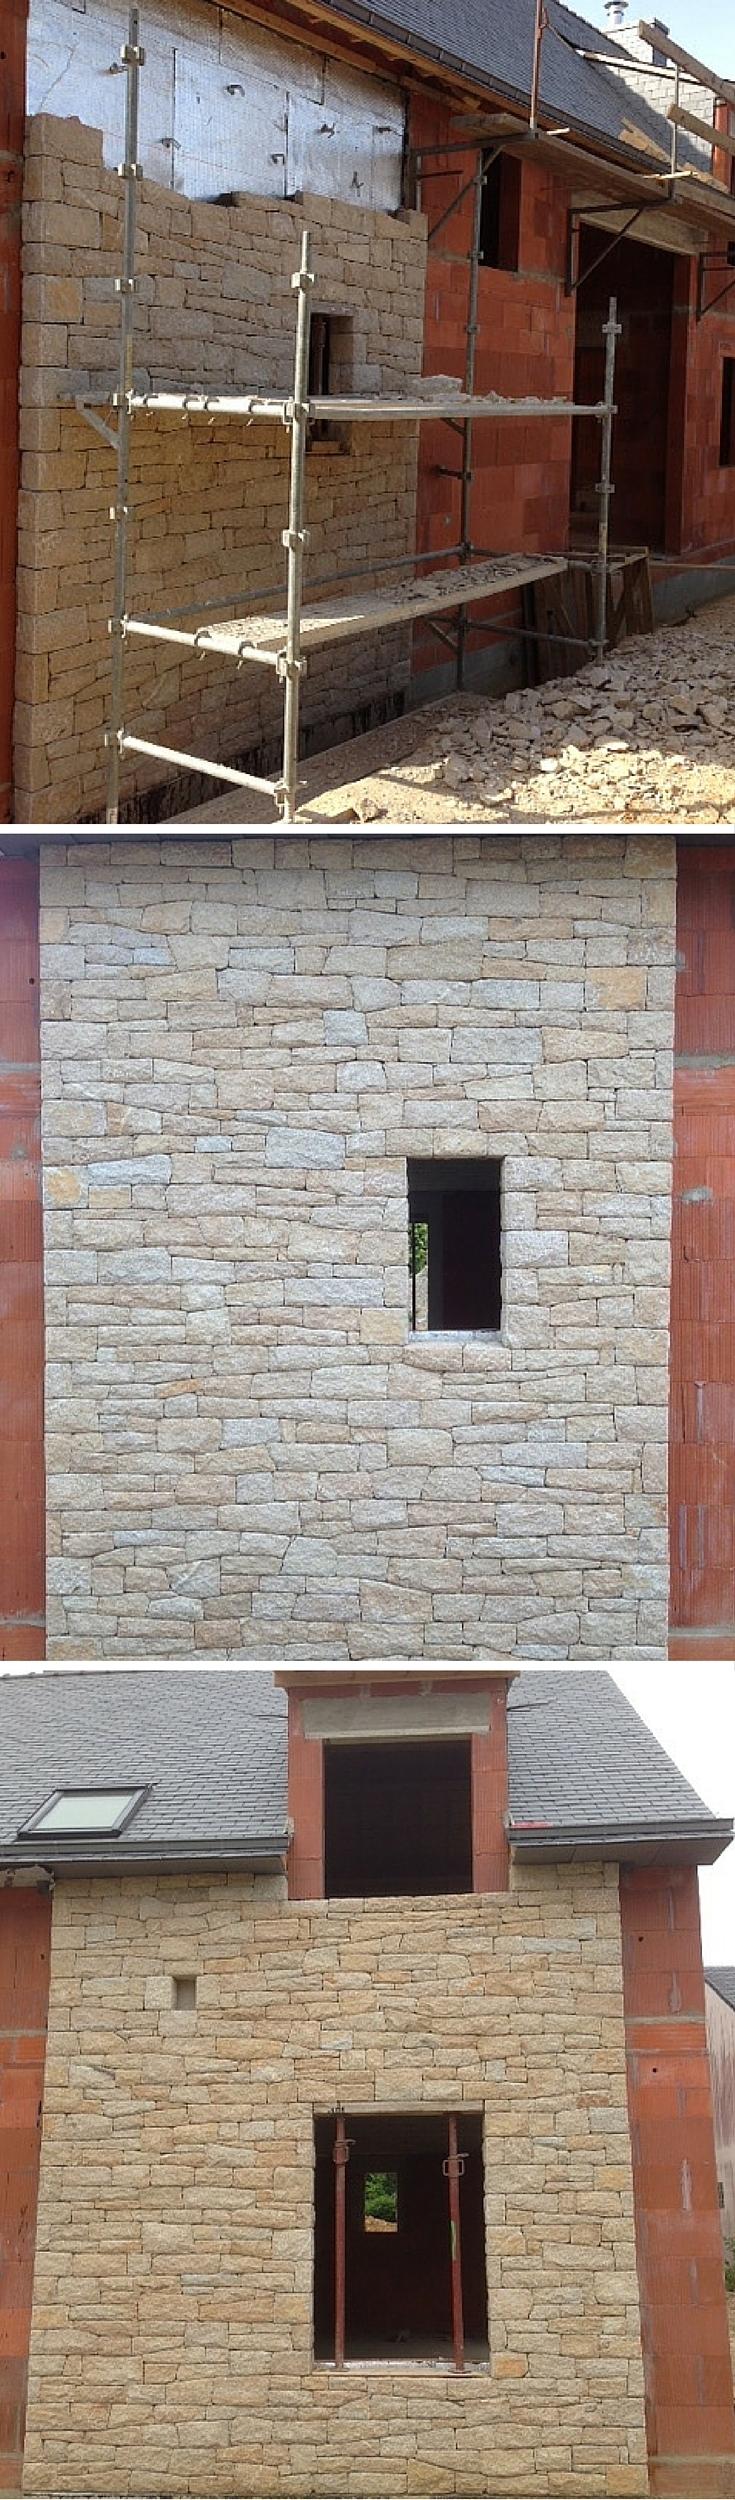 chantier de pierre s che parement en pierre naturelle mo llon d 39 elven d 39 une fa ade c 39 est un. Black Bedroom Furniture Sets. Home Design Ideas